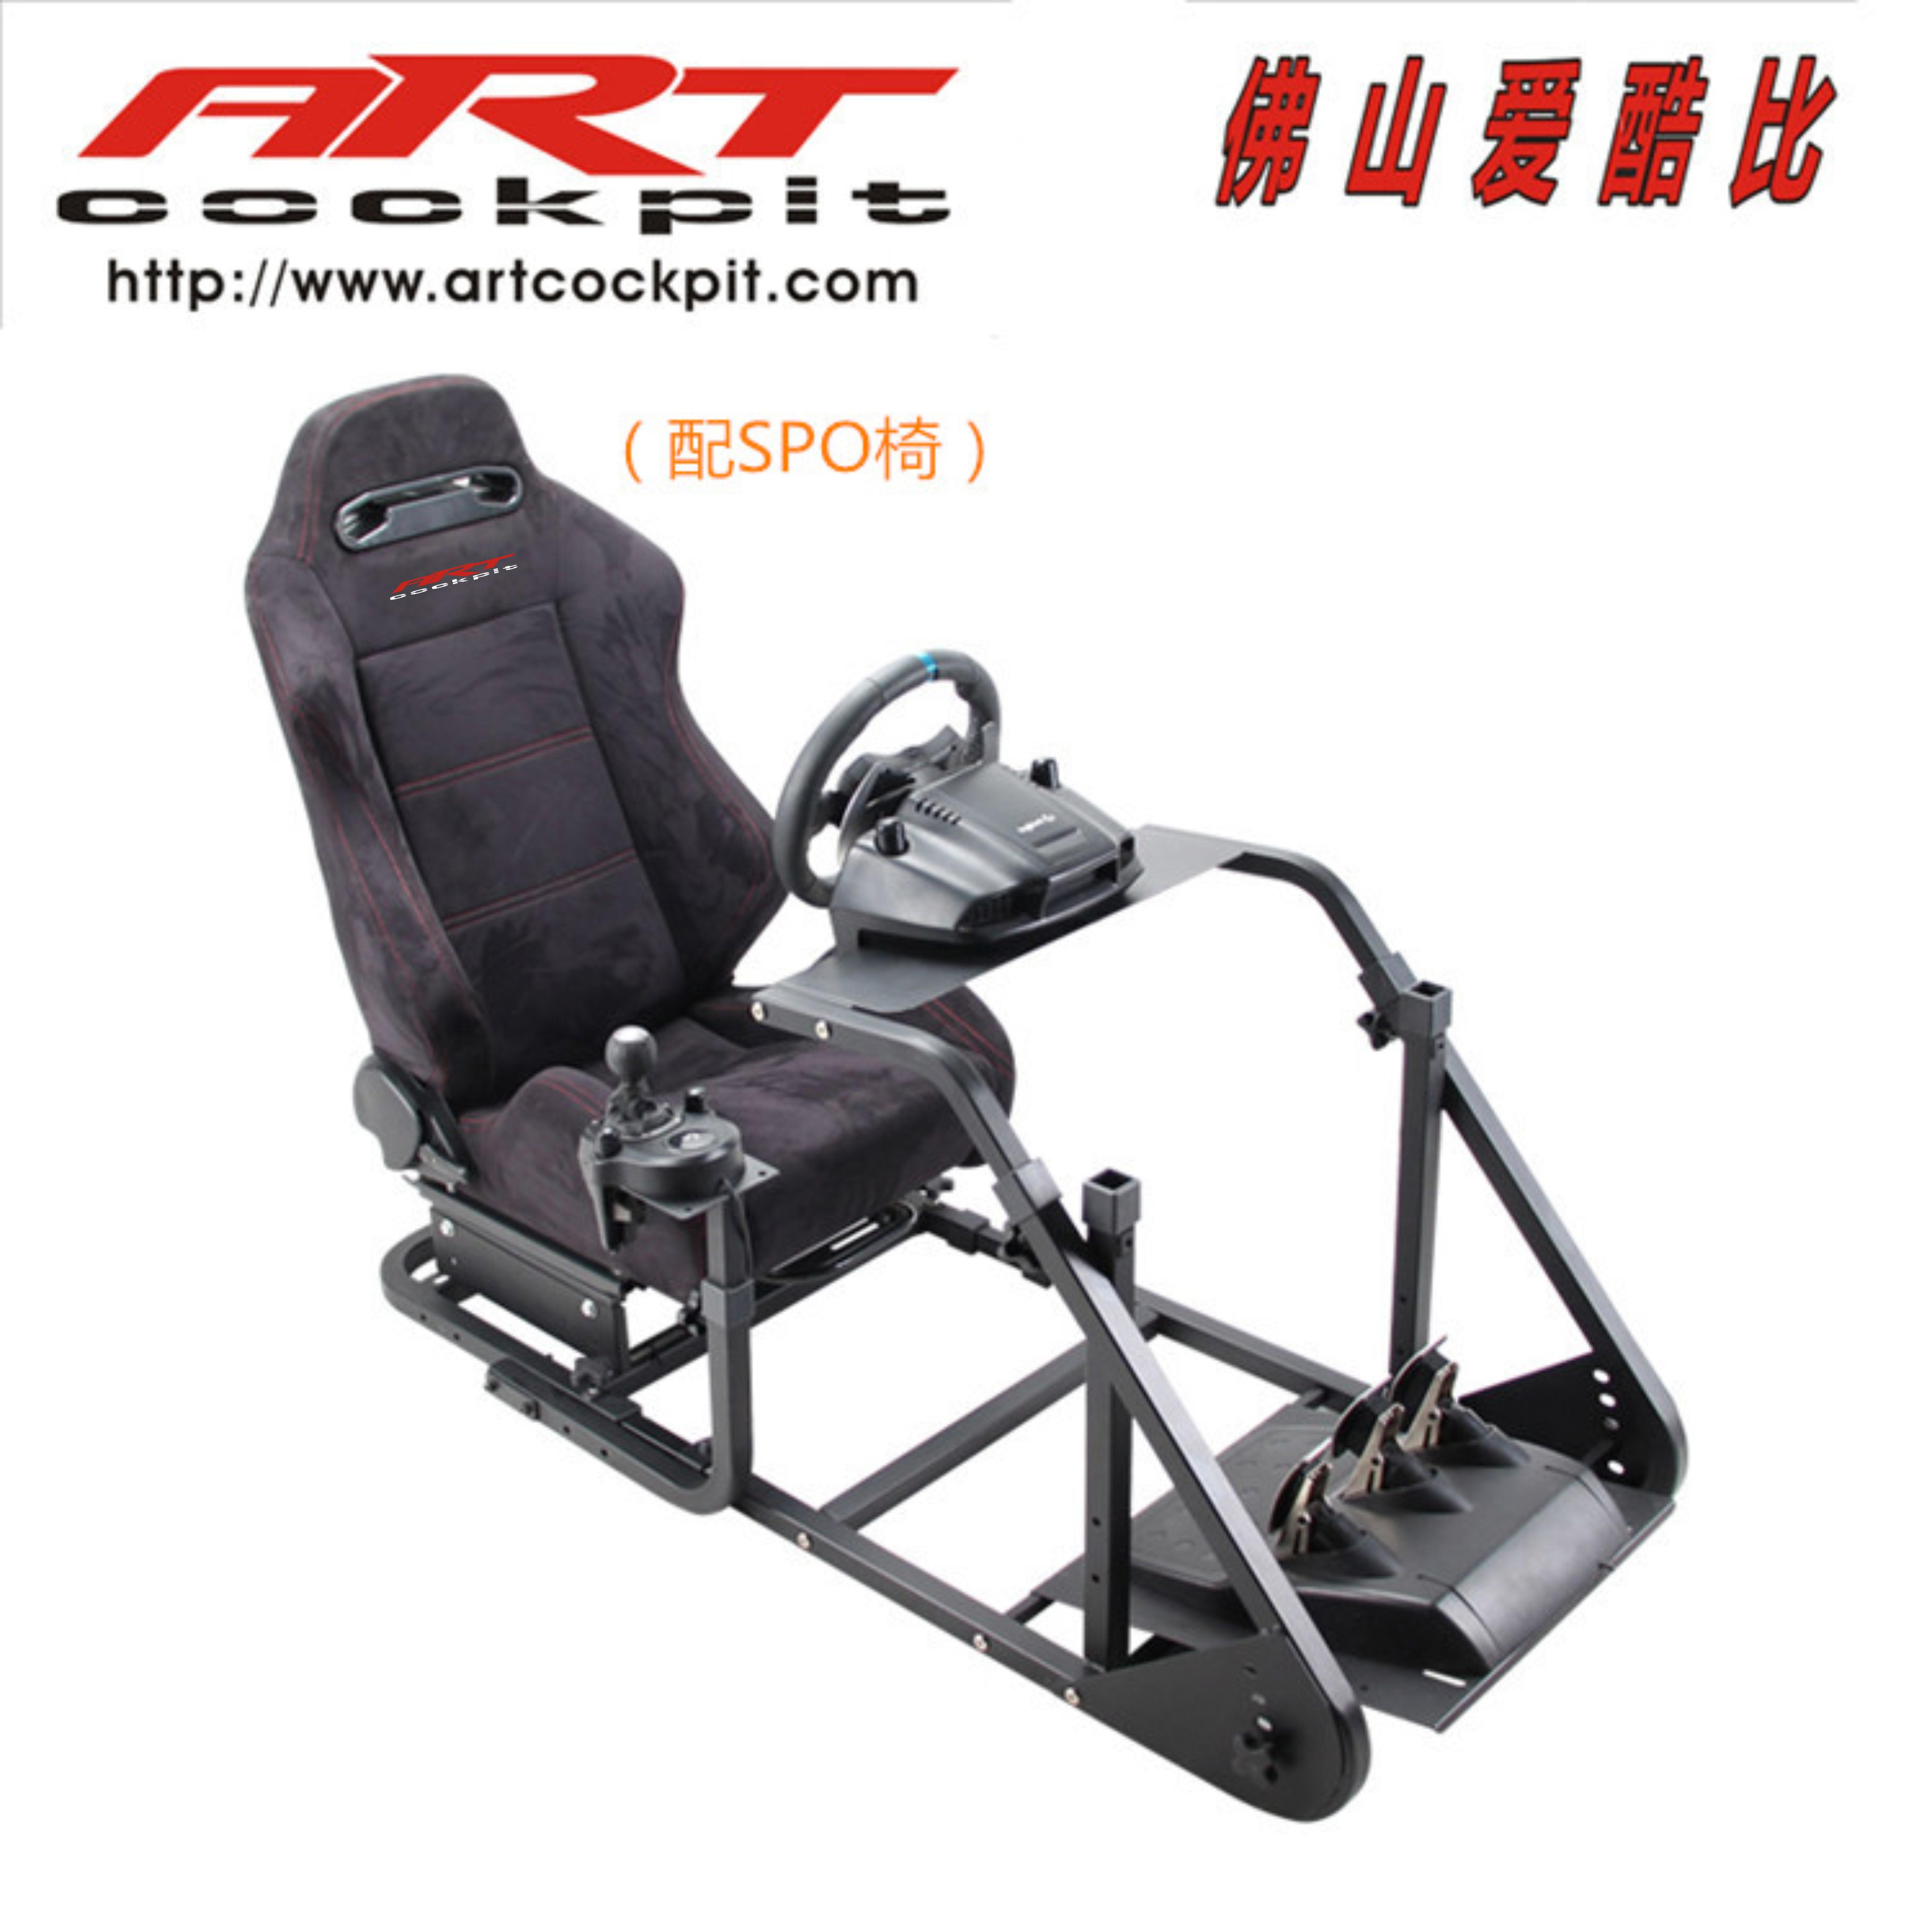 GTART Ultimate Simulation Racing Game Крепление сиденья Крепление версия G29G27T500t300rCSW рулевое колесо